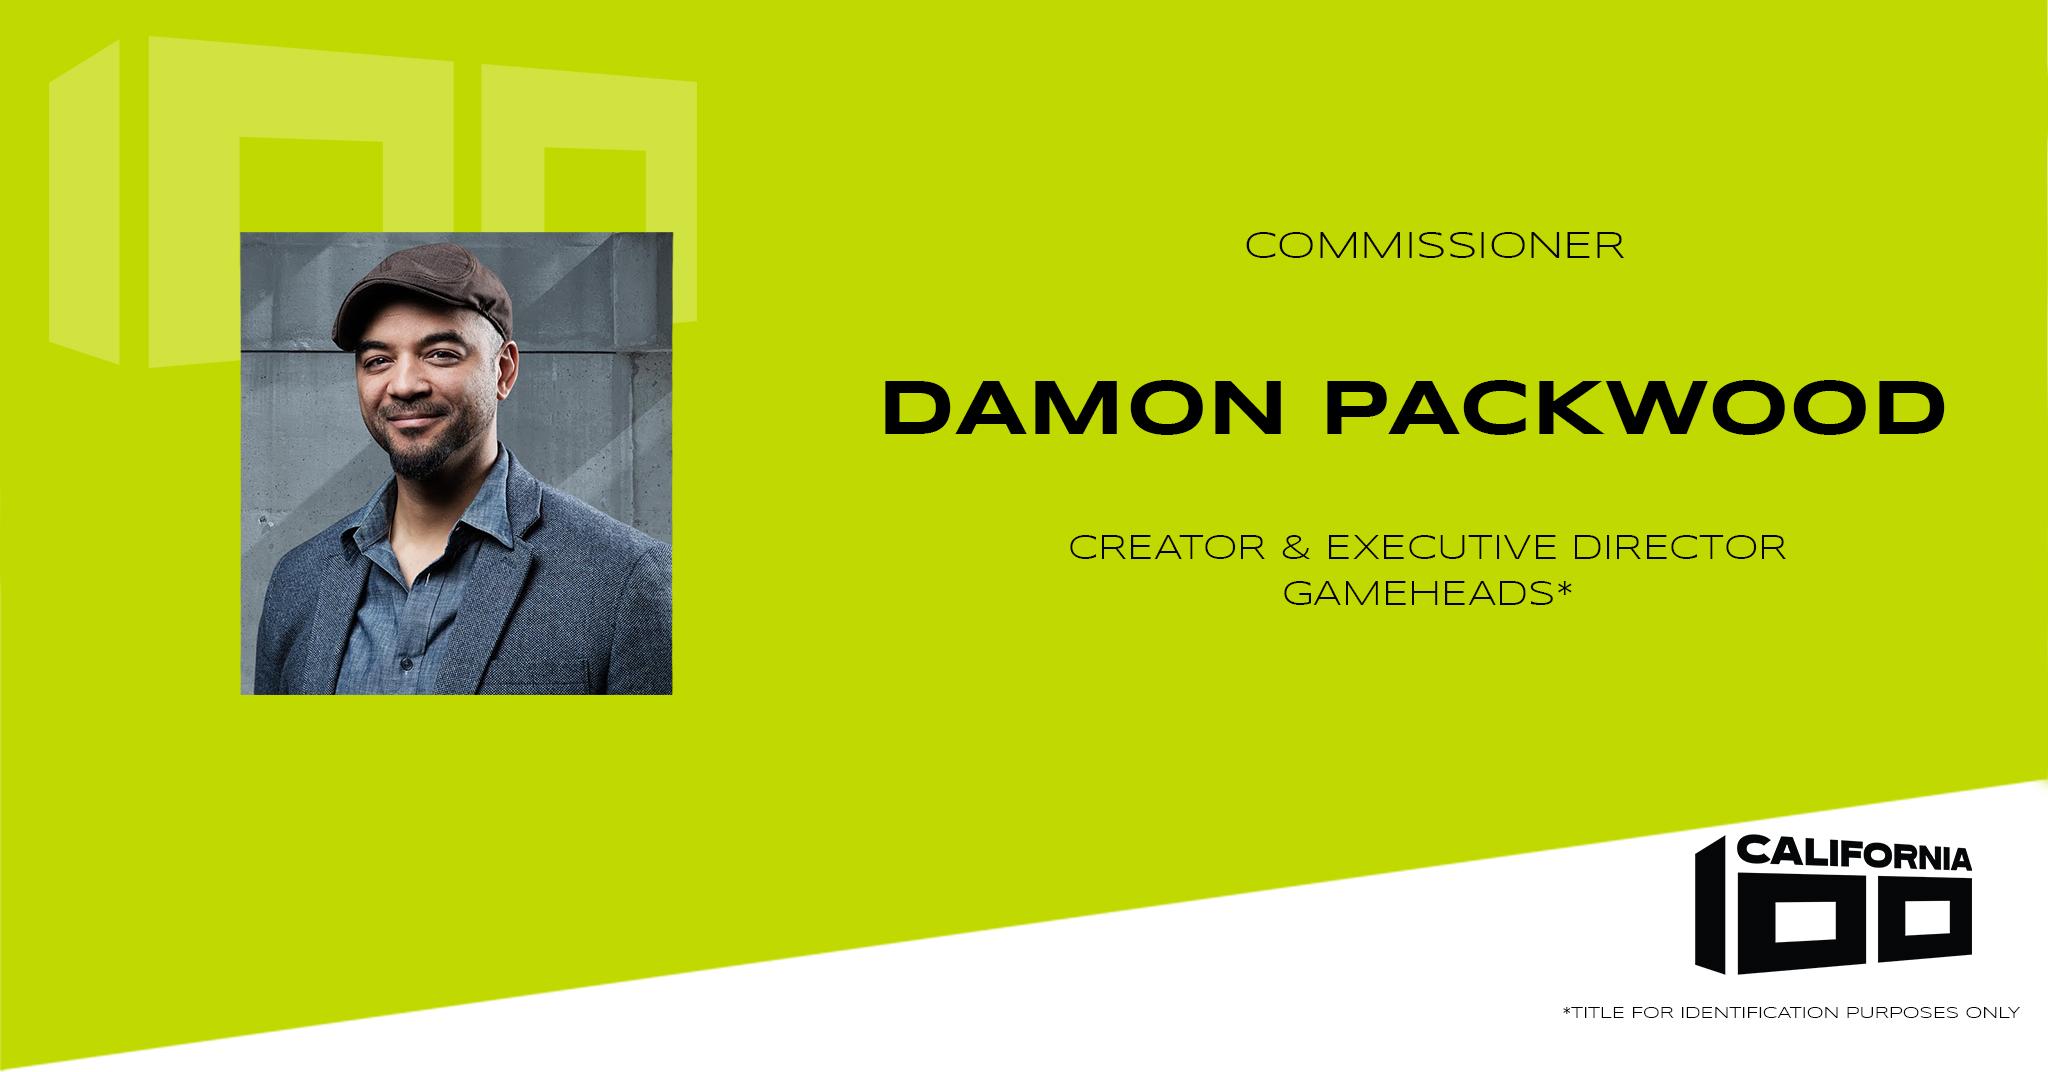 Damon Packwood